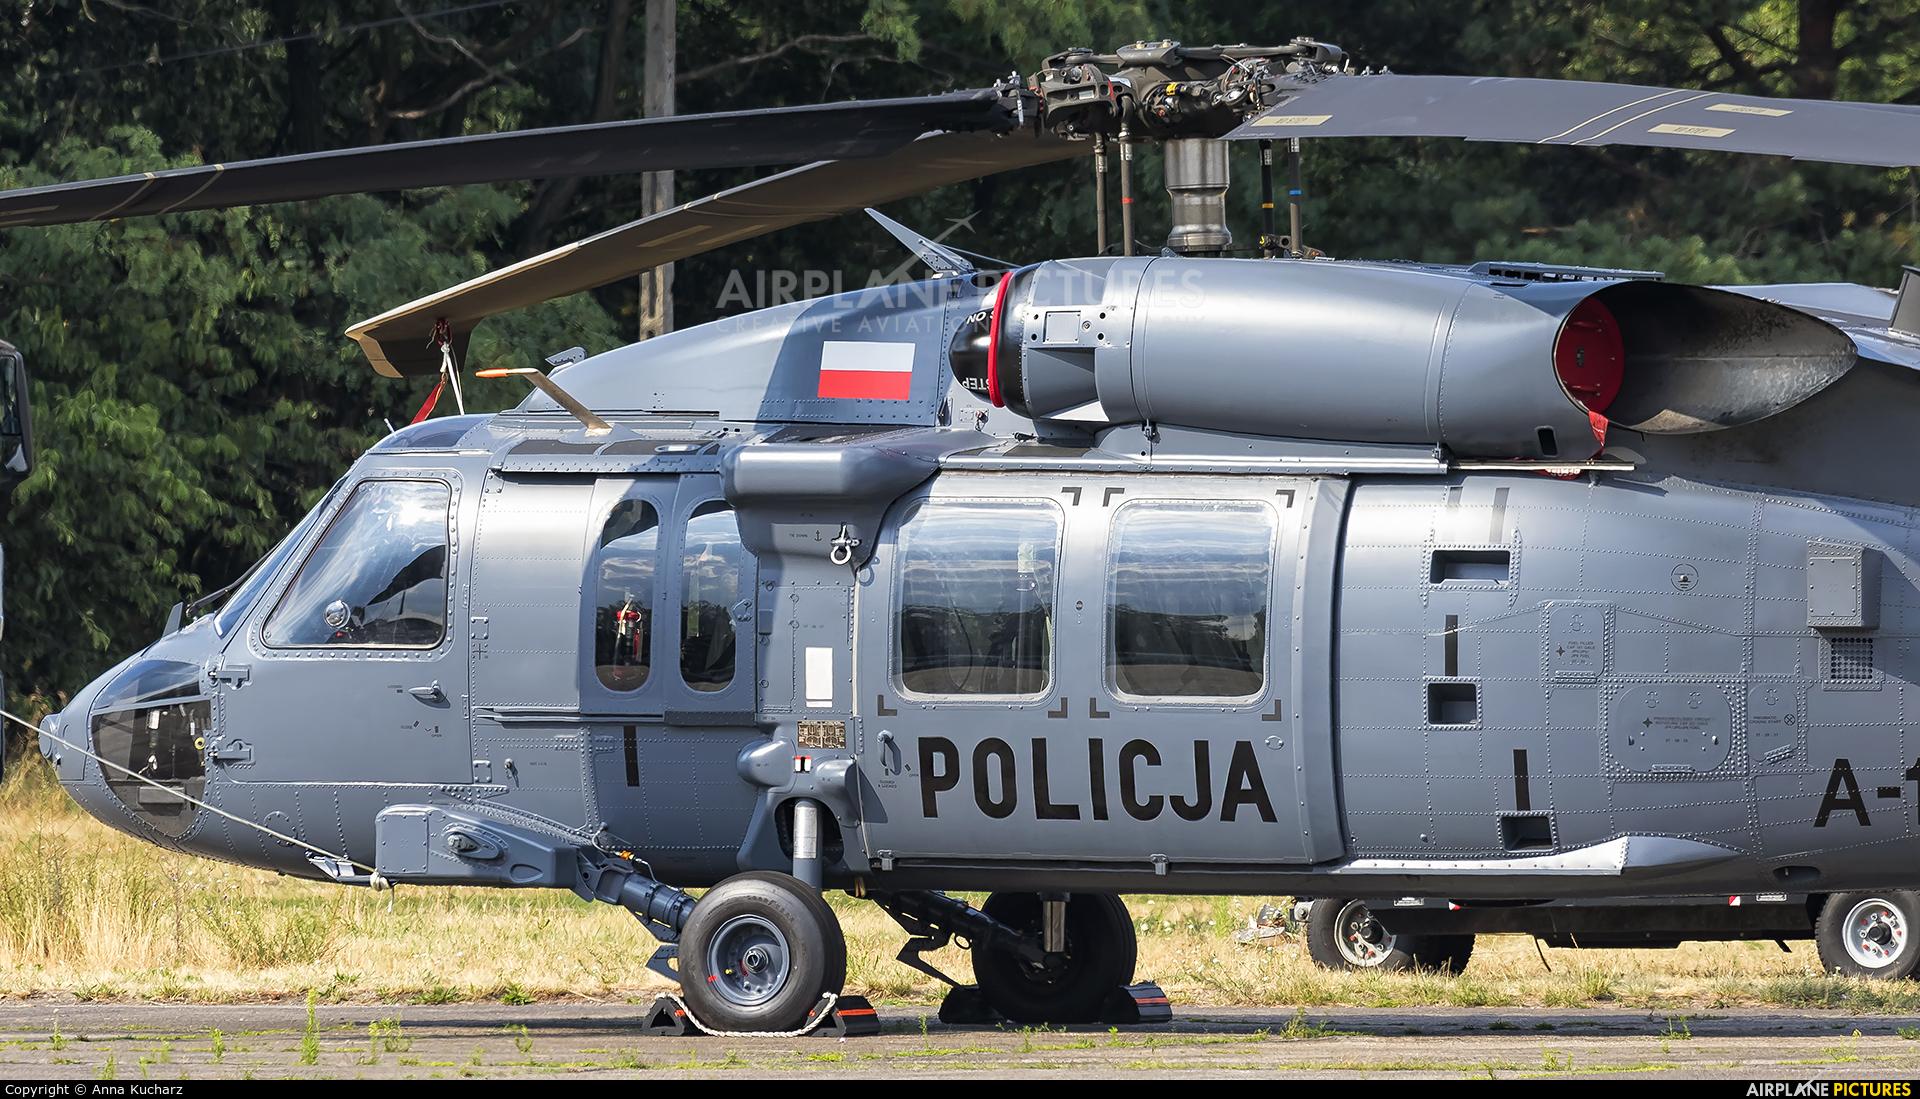 Poland - Police SN-72XP aircraft at Warsaw - Babice